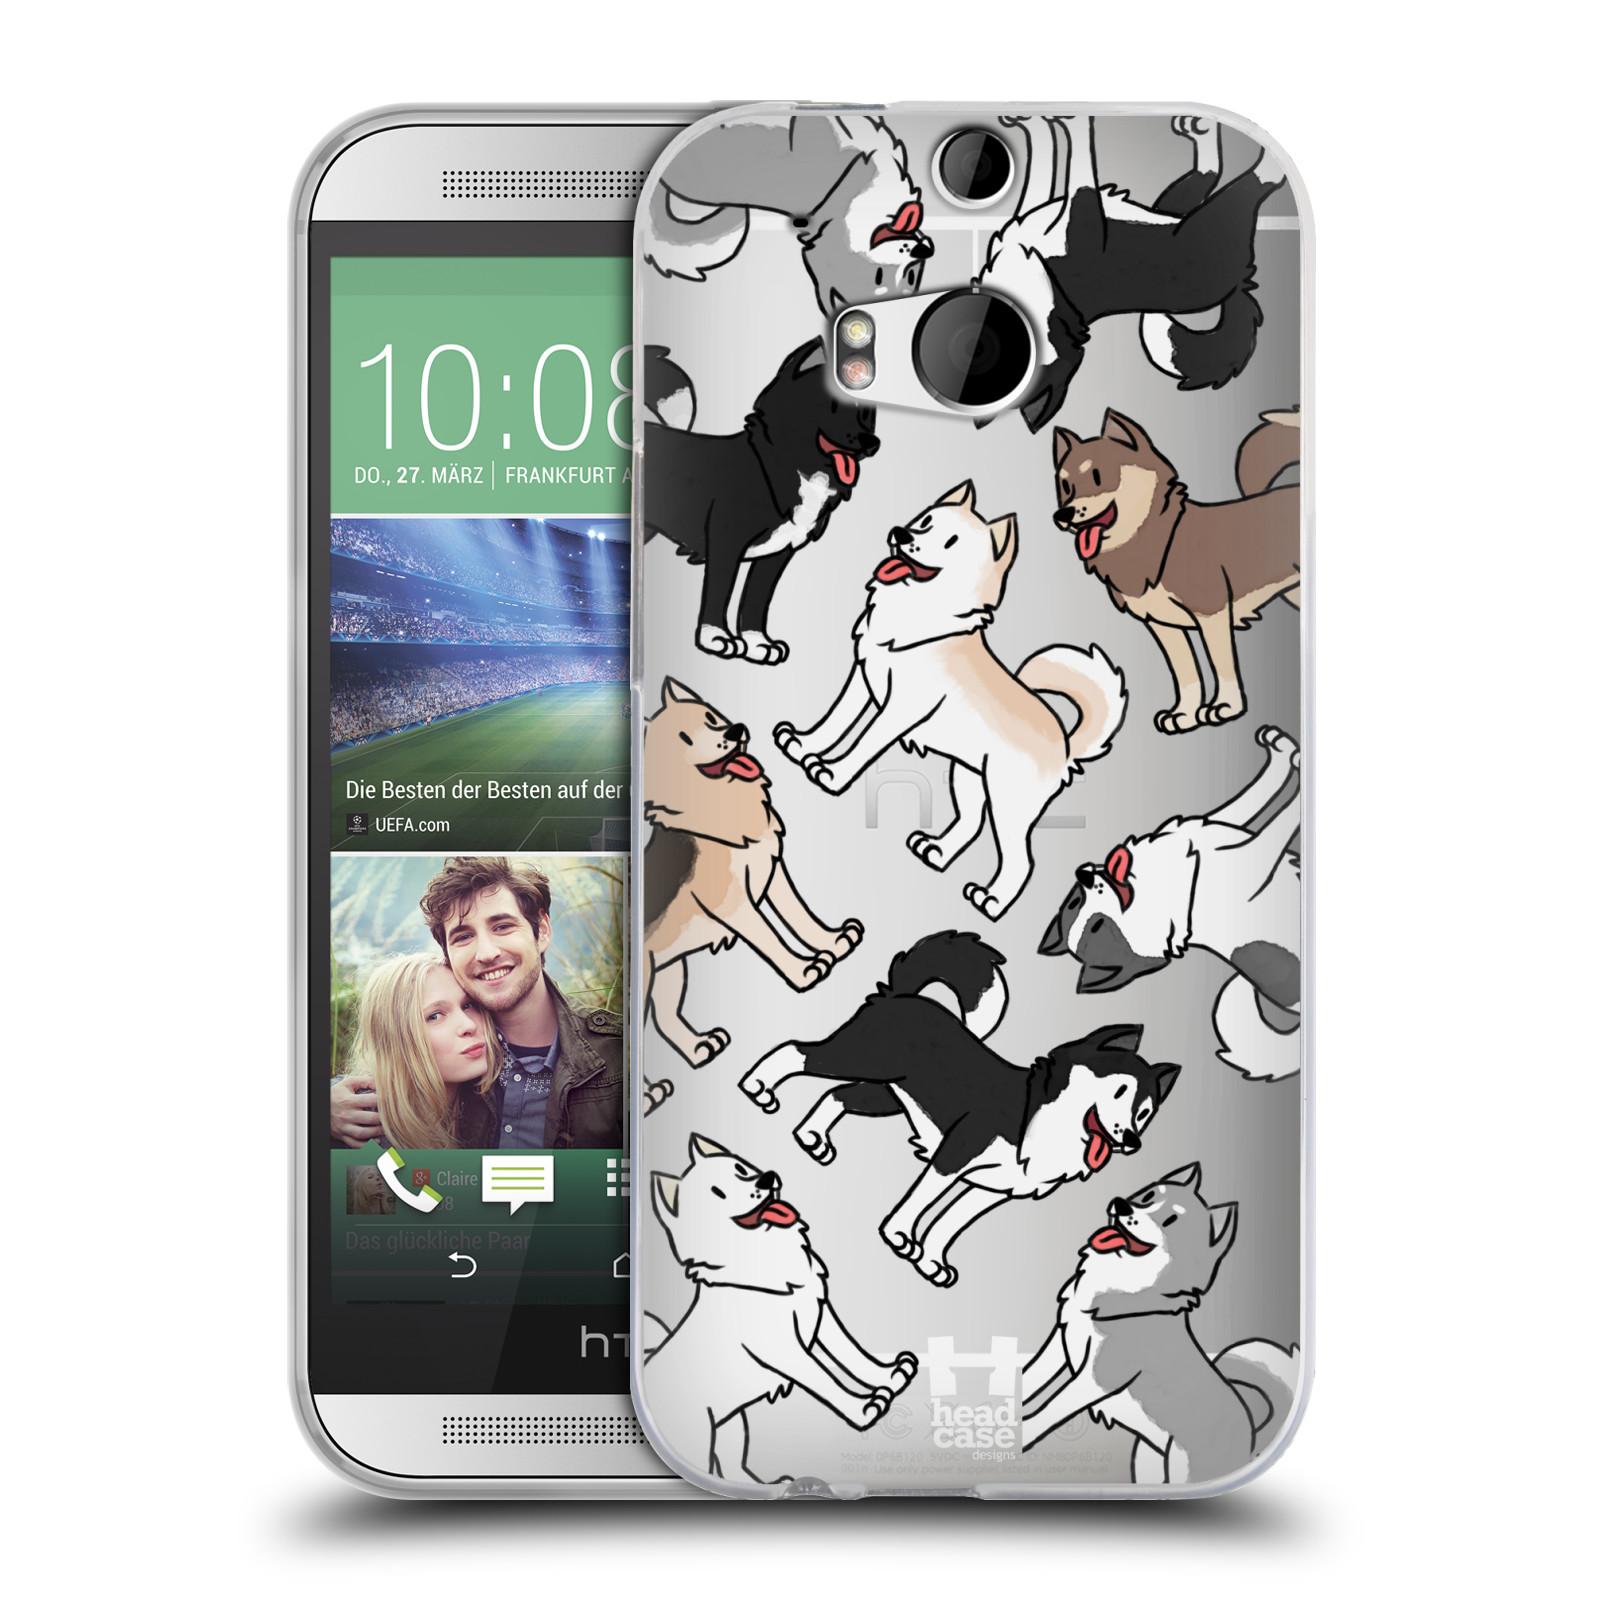 HEAD CASE silikonový obal na mobil HTC one M8 / M8s pejsek Sibiřský husky